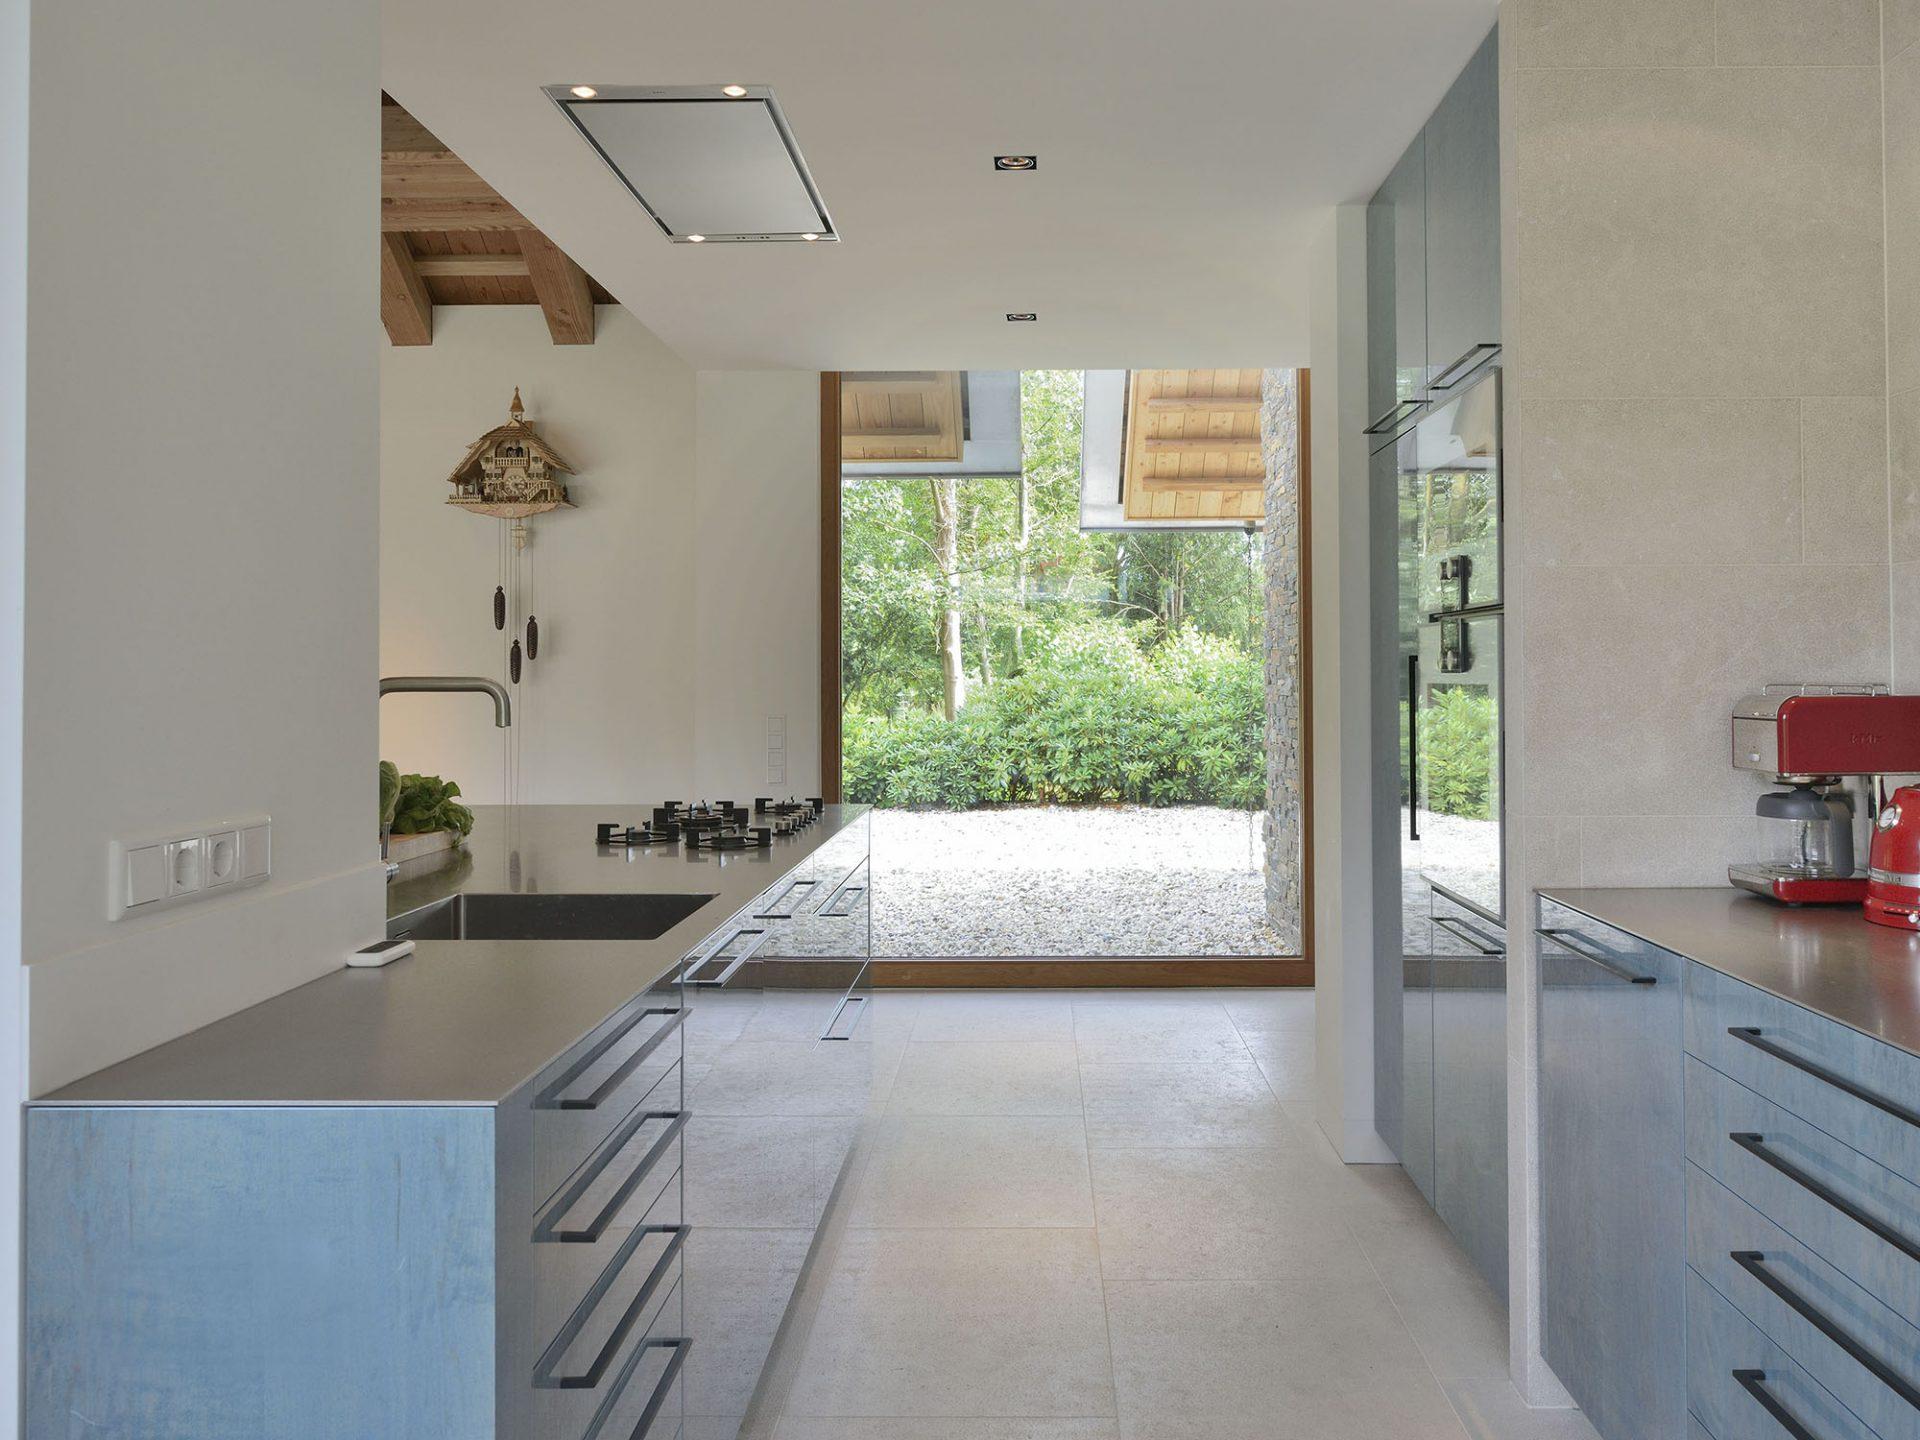 Design Keukens Gelderland : Residential keuken ontwerp met michelinster emyko